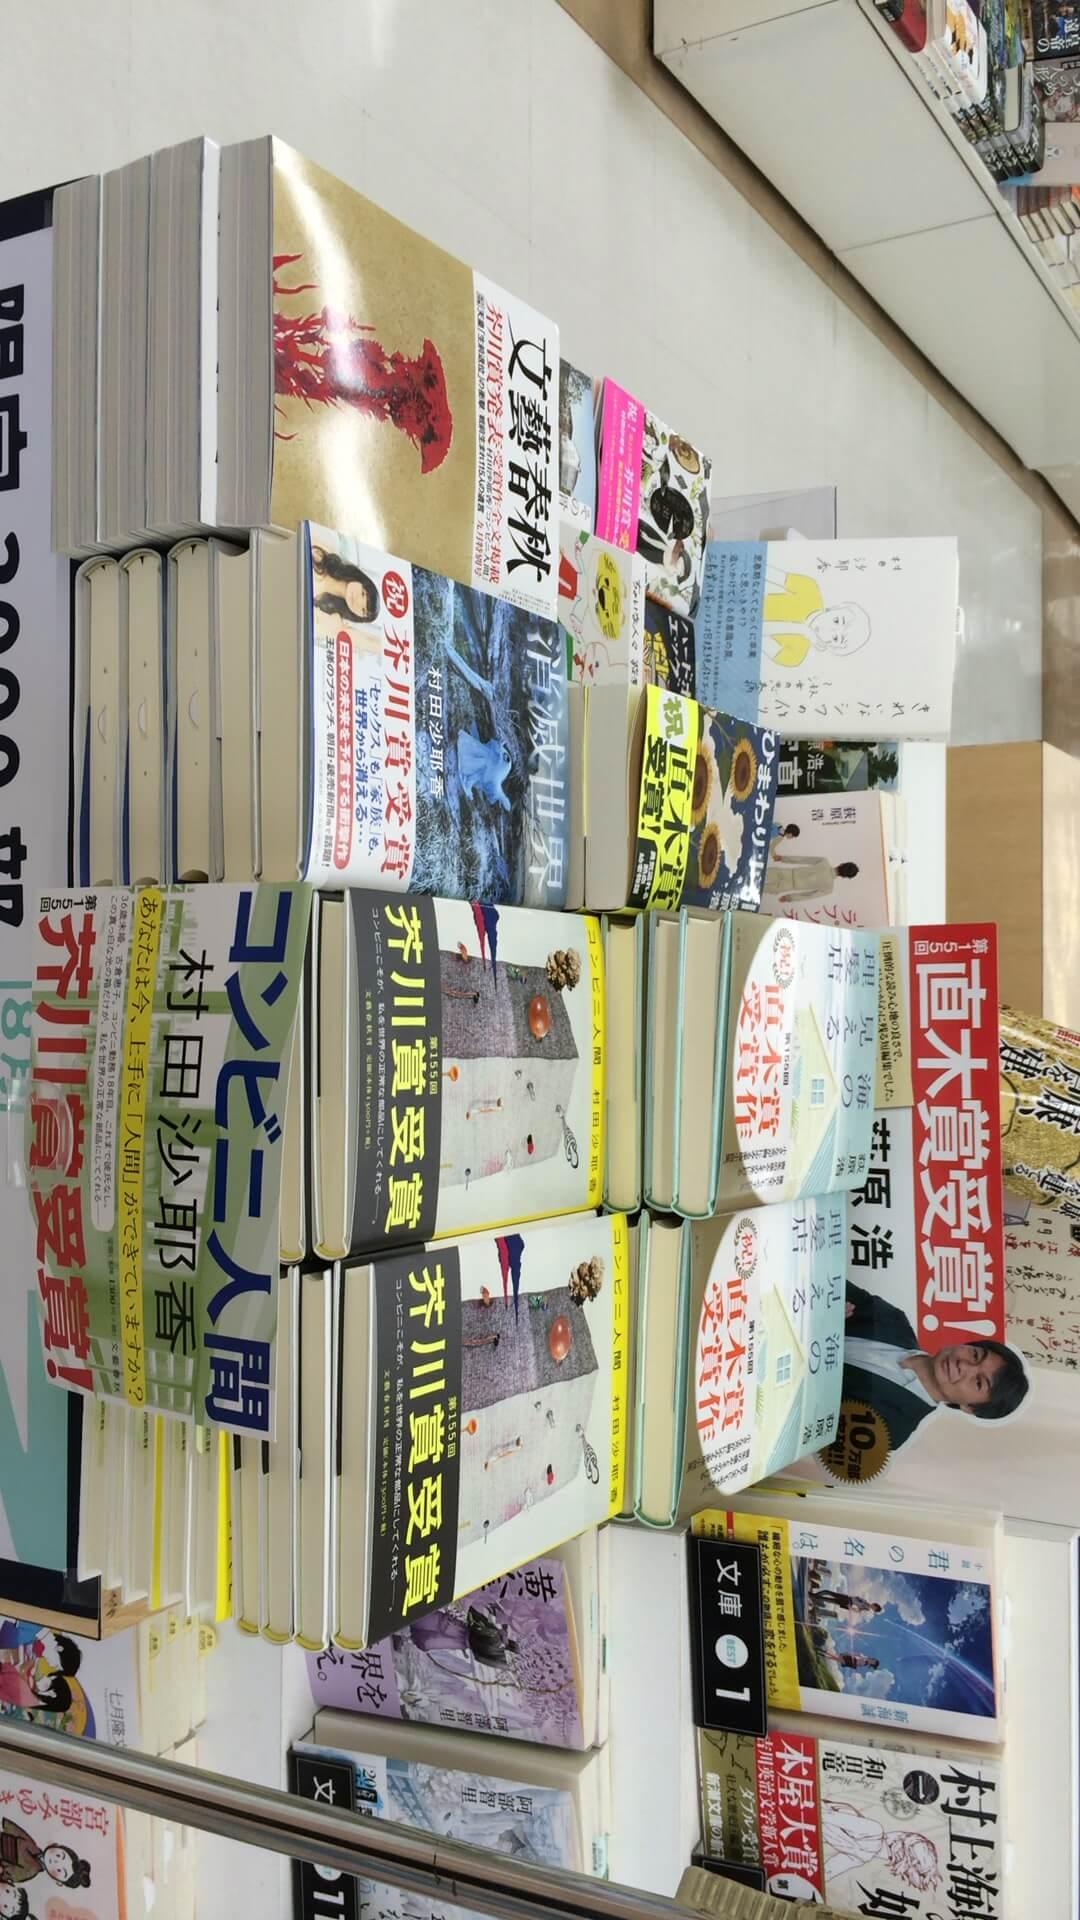 直木賞芥川賞 桜台